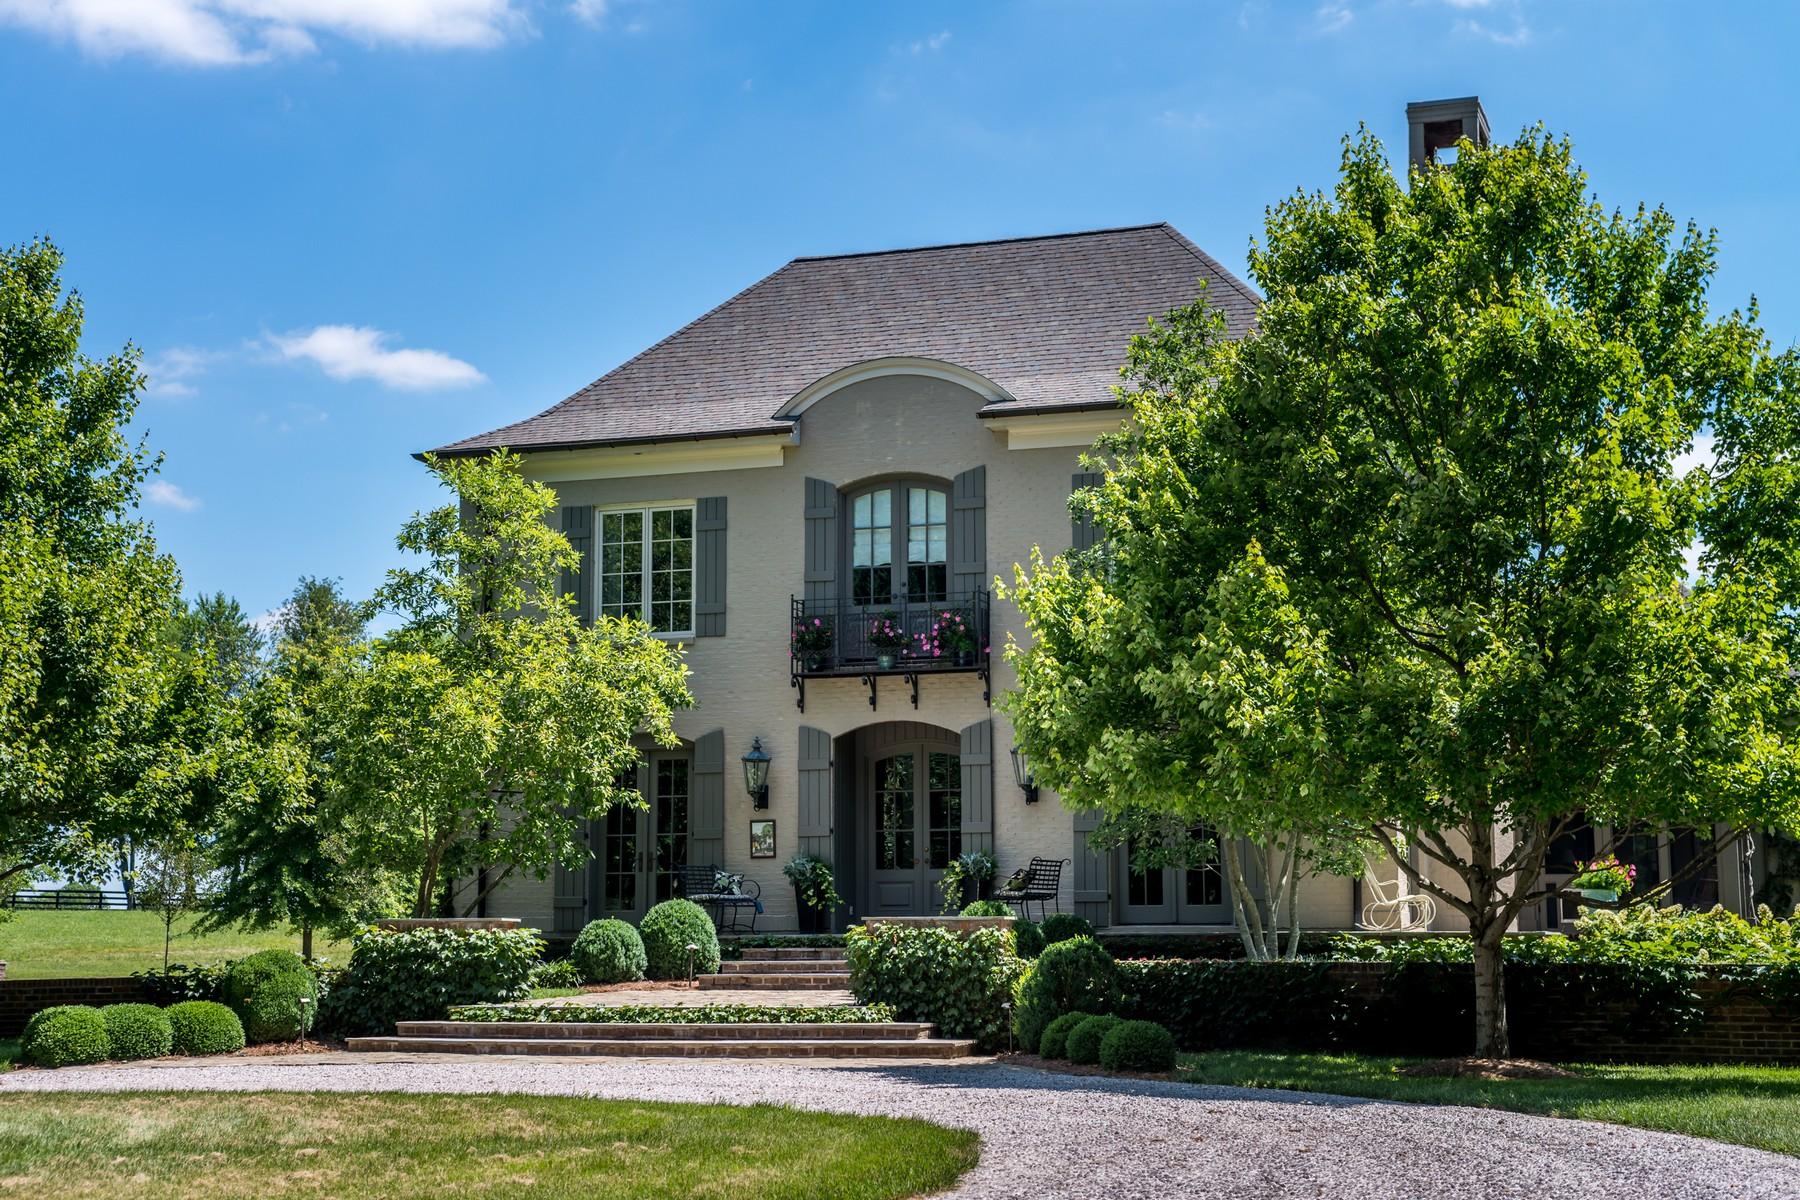 一戸建て のために 売買 アット 701 The Grange Lane Lexington, ケンタッキー, 40511 アメリカ合衆国